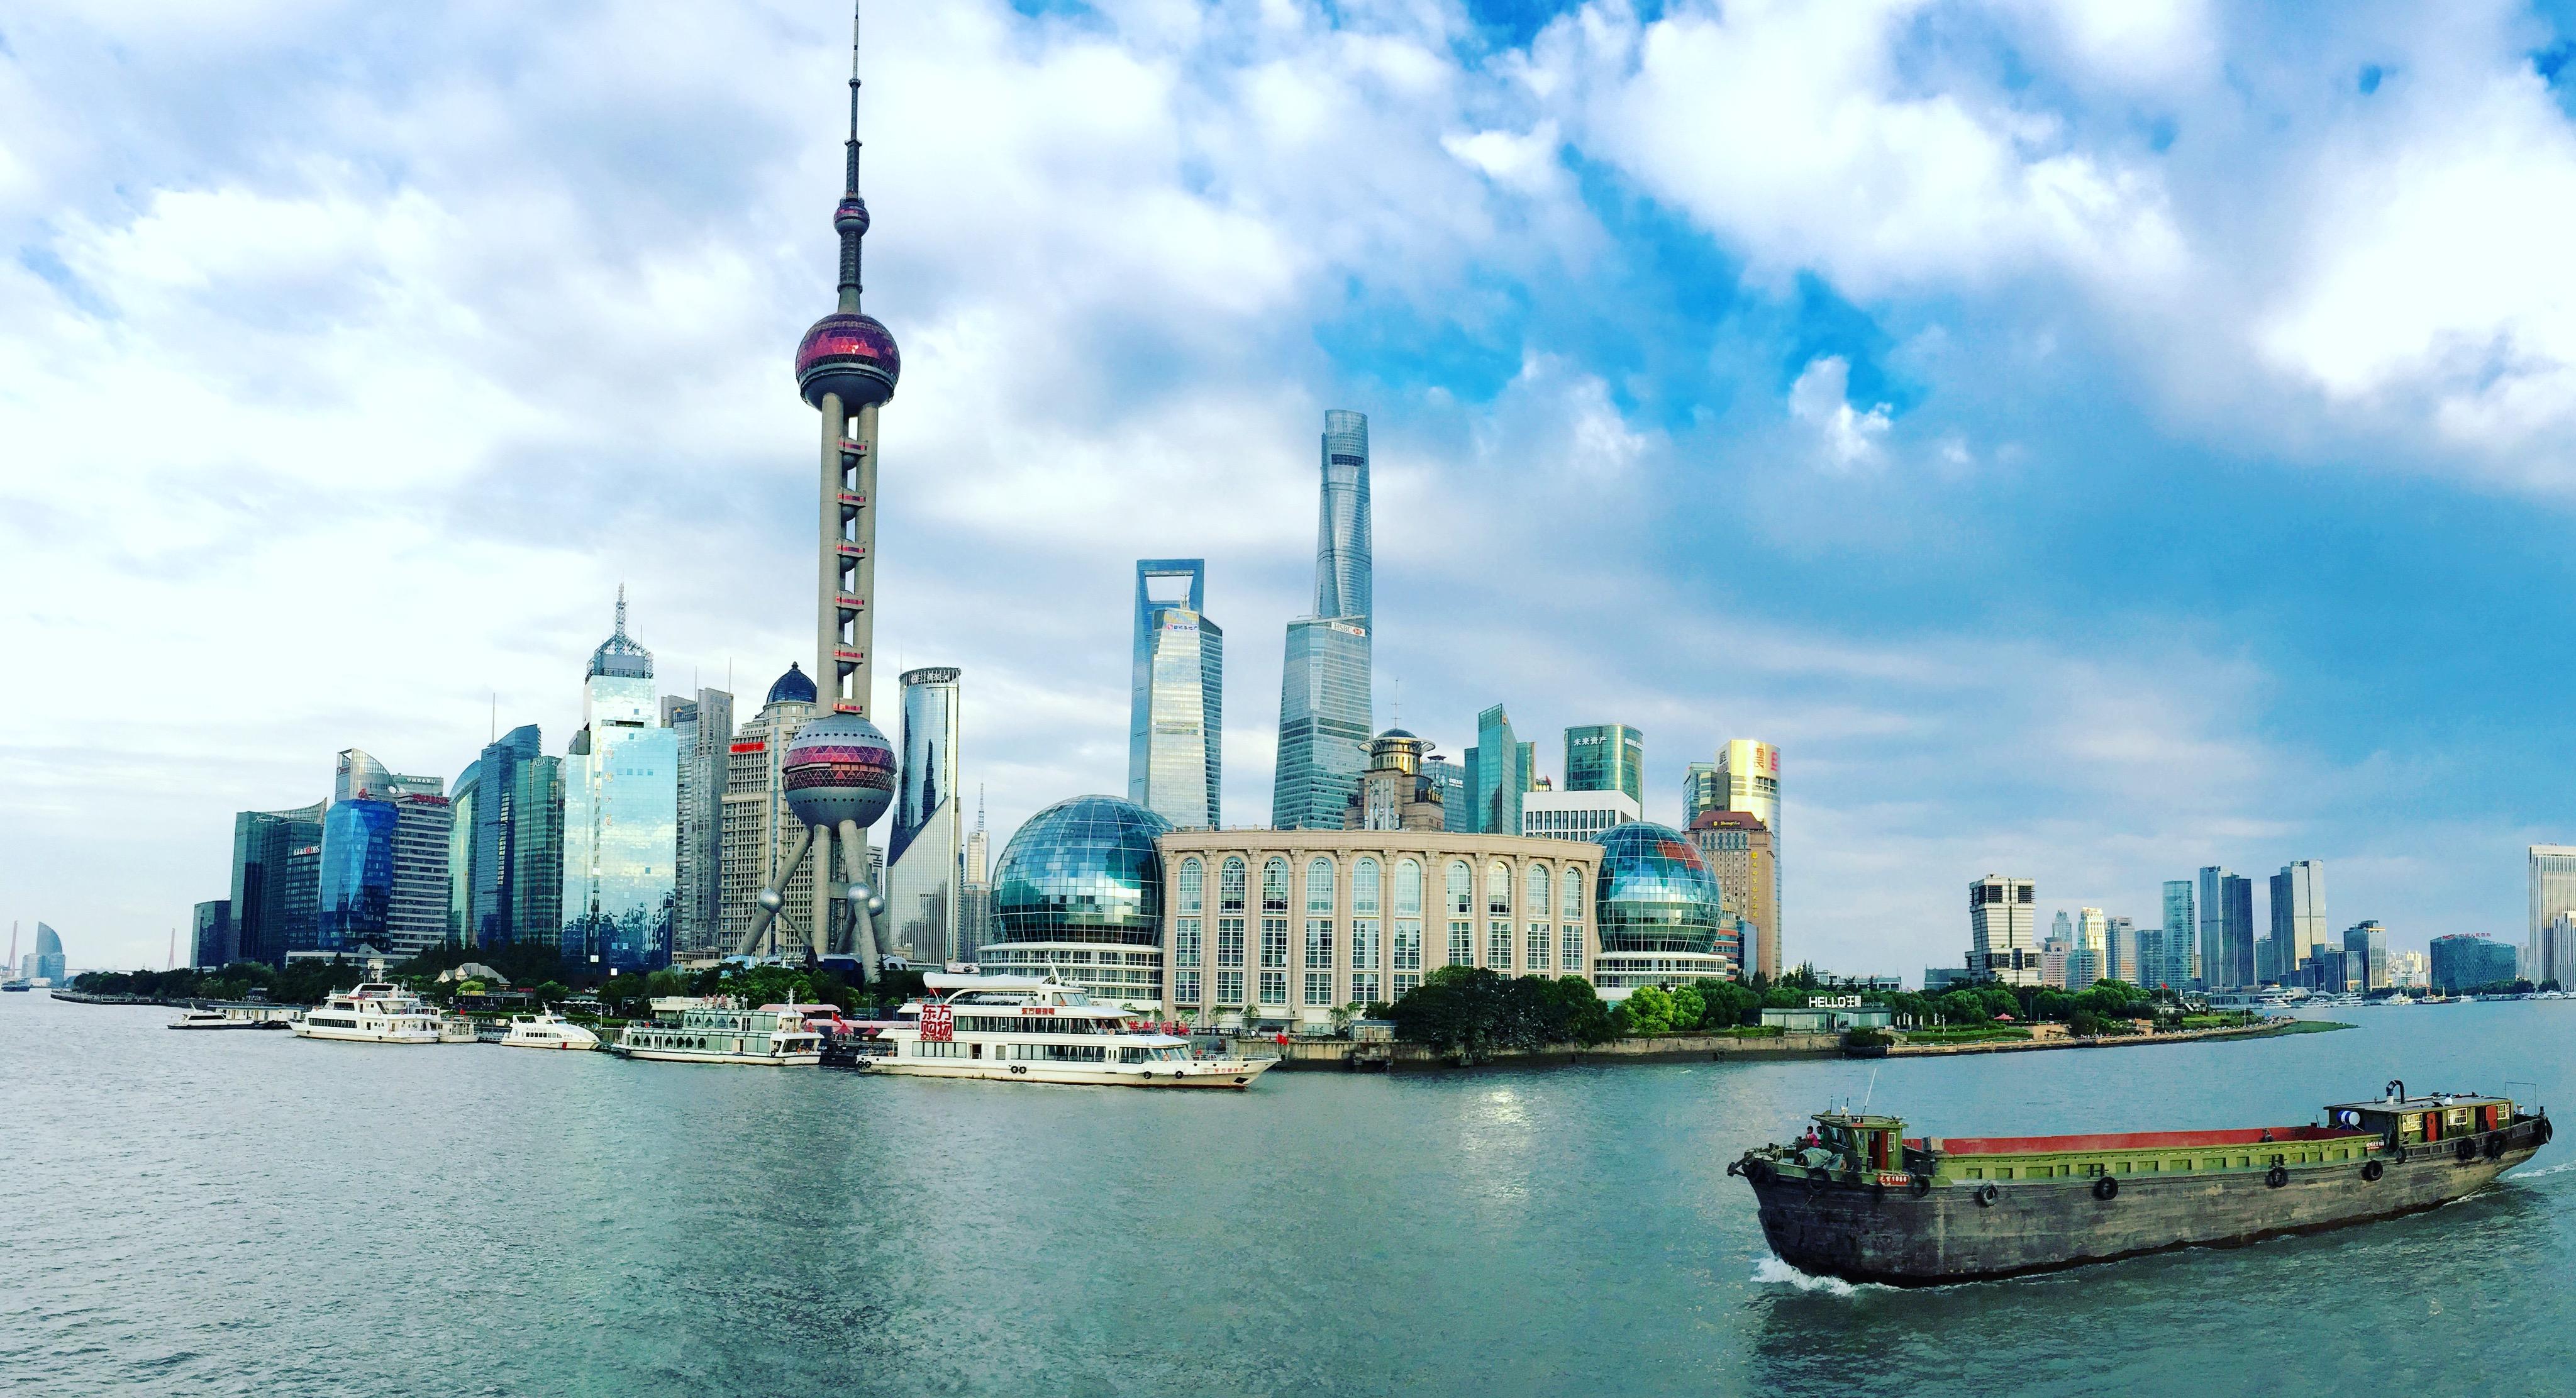 【攜程攻略】上海東方明珠景點,搭游輪游黃浦江是最能